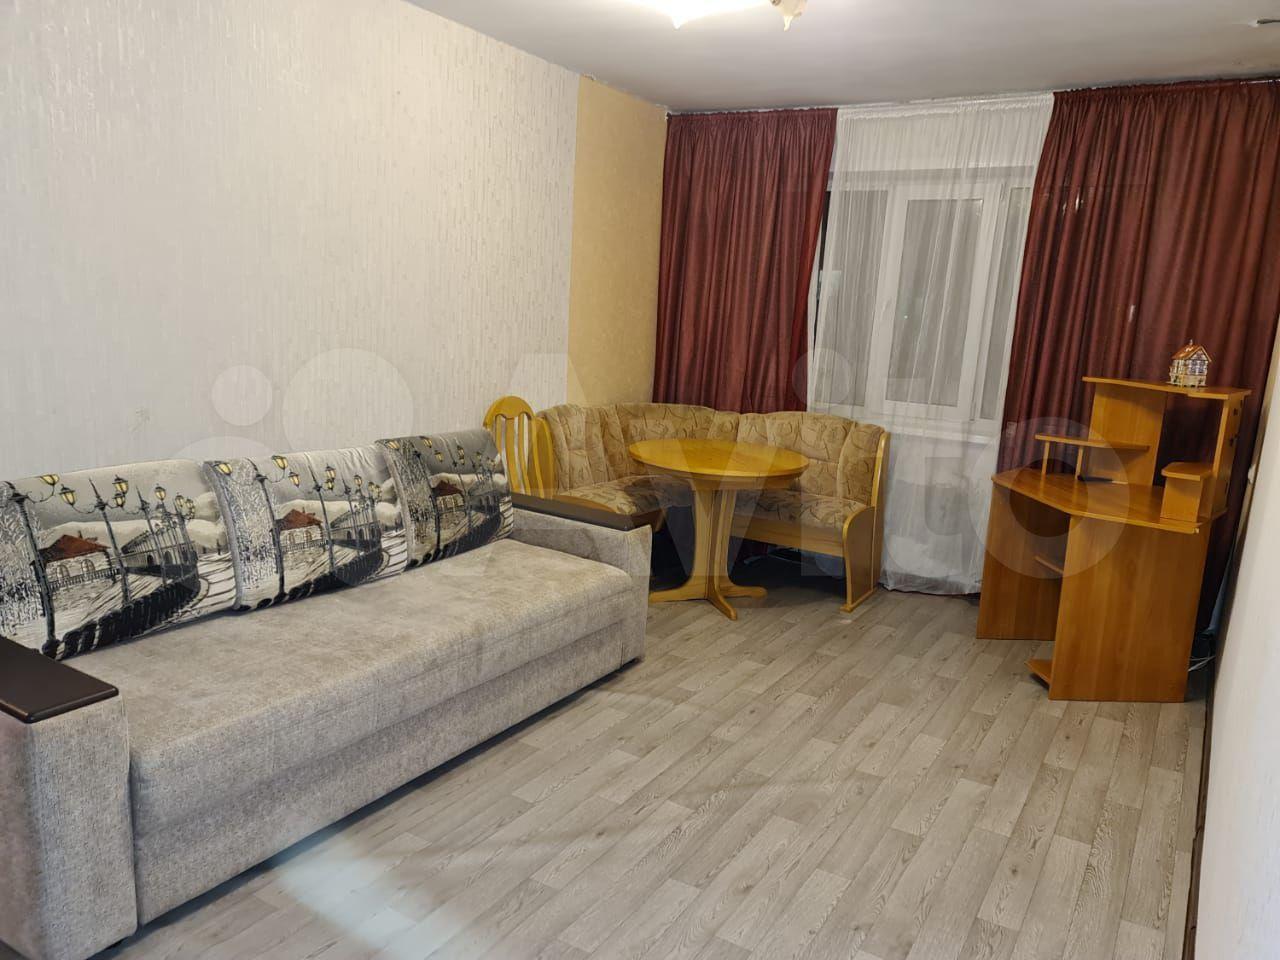 2-rums-lägenhet 43 m2, 5/5 golvet.  89642390048 köp 9